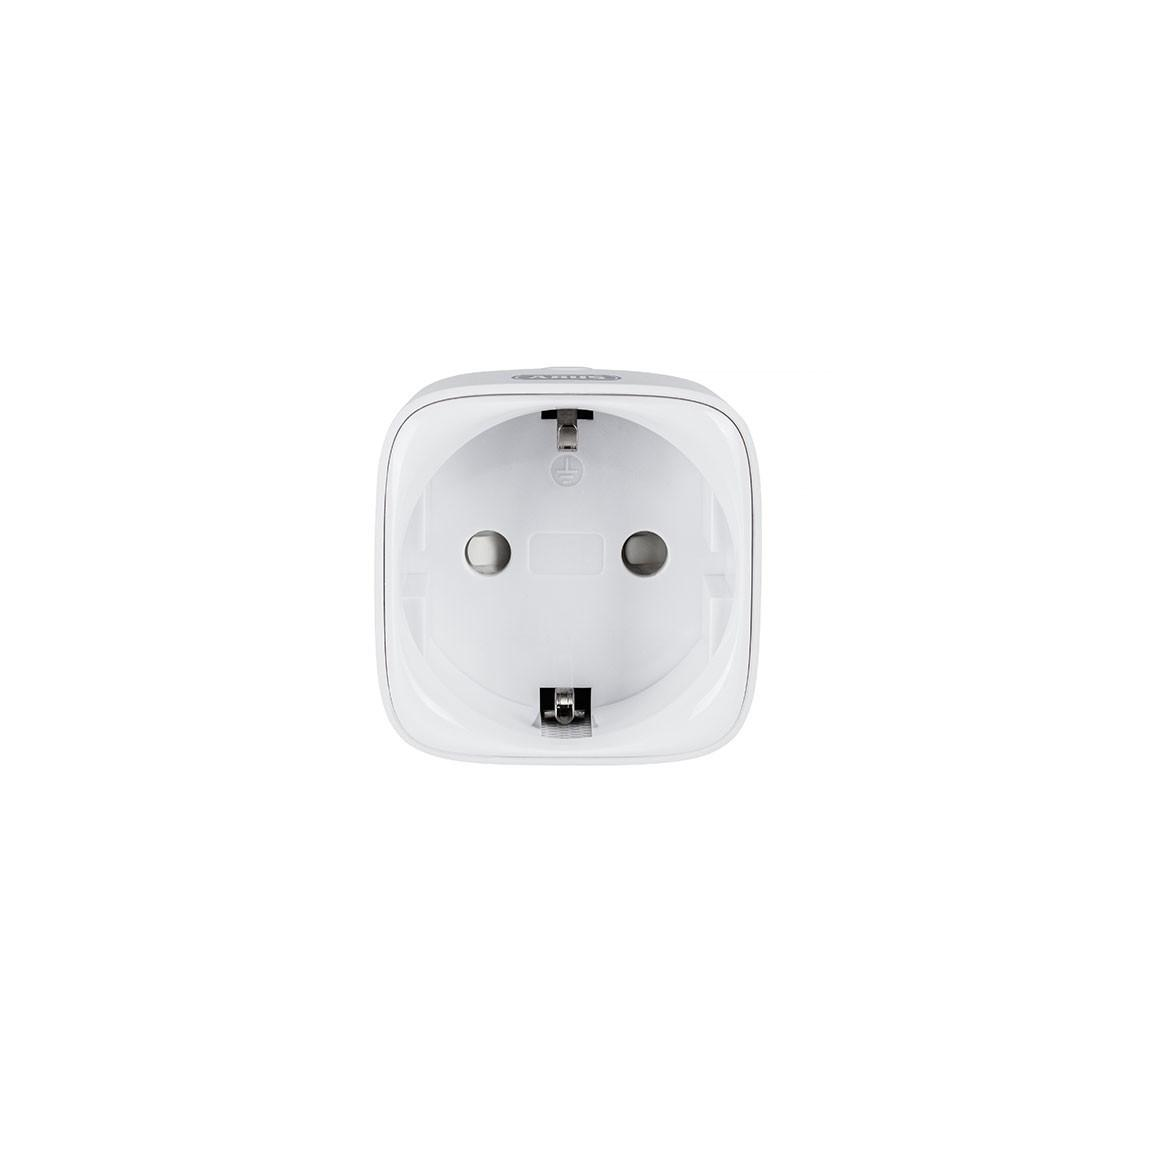 ABUS Z-Wave Funk-Steckdose - Smarter Zwischenstecker - Weiß